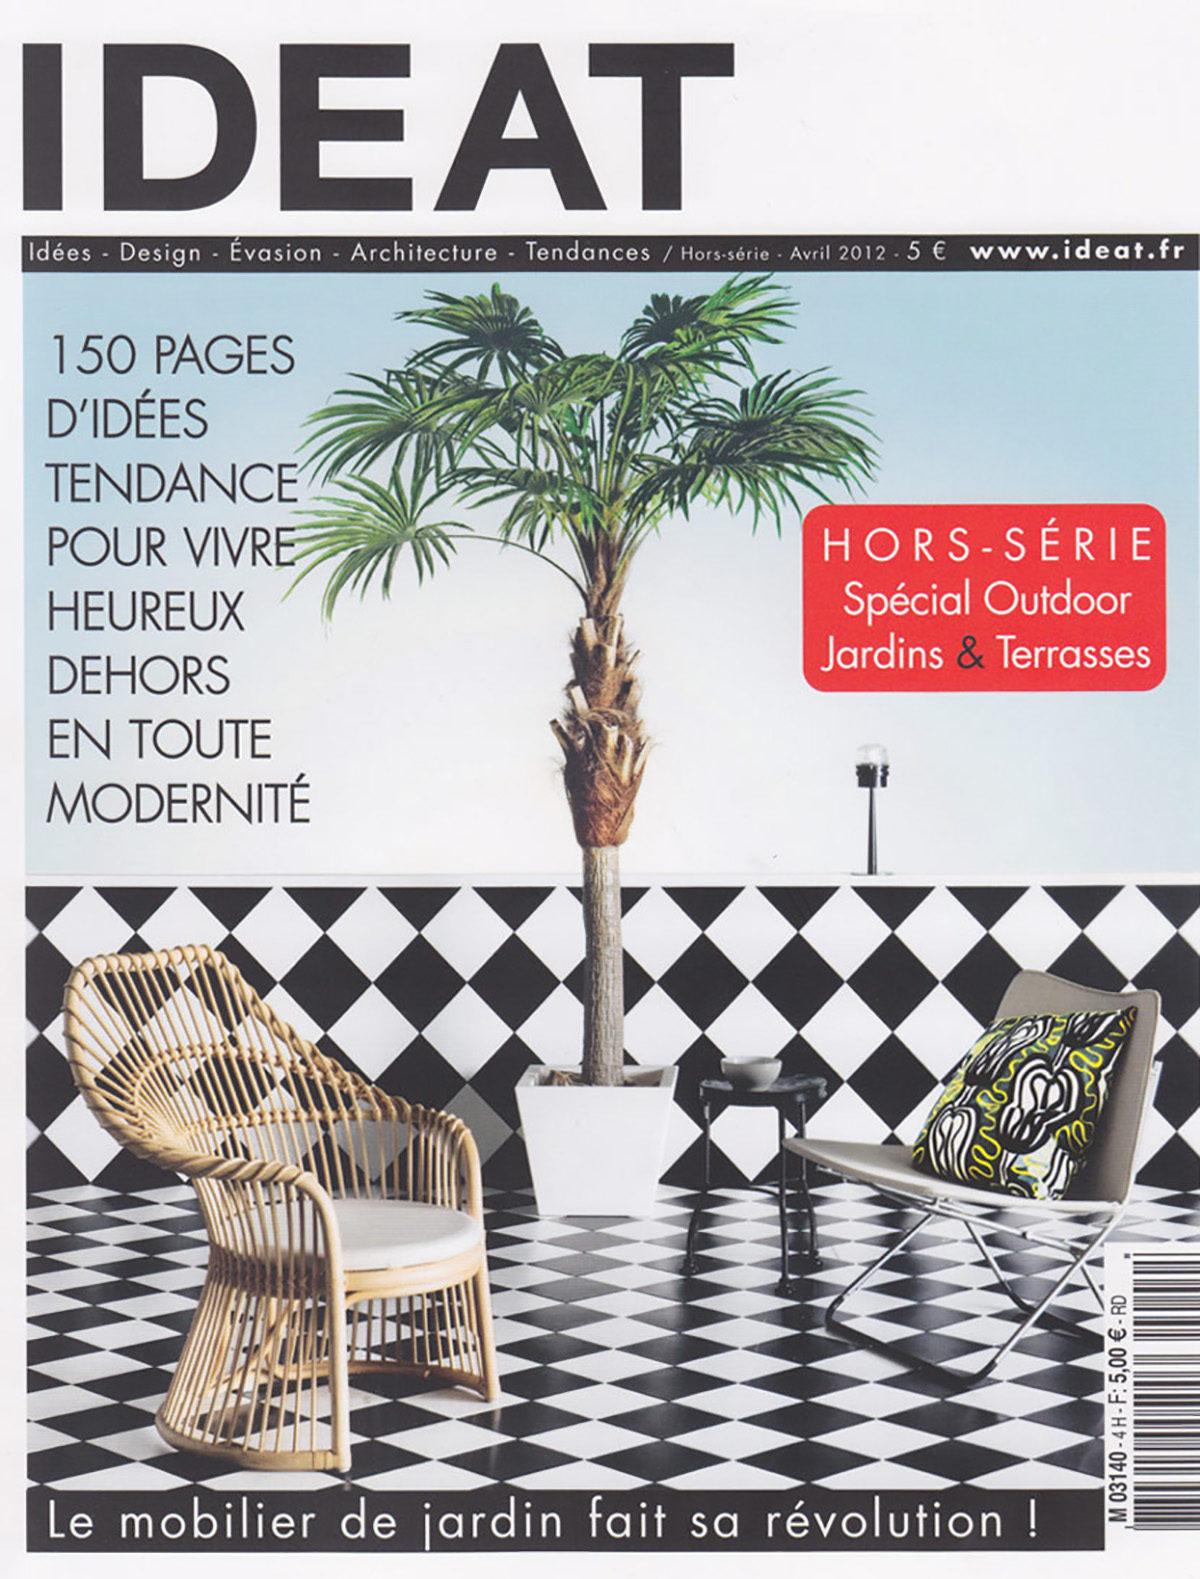 Parution presse IDEAT 2012 Claude Cartier décoration architecte d'intérieur à Lyon.